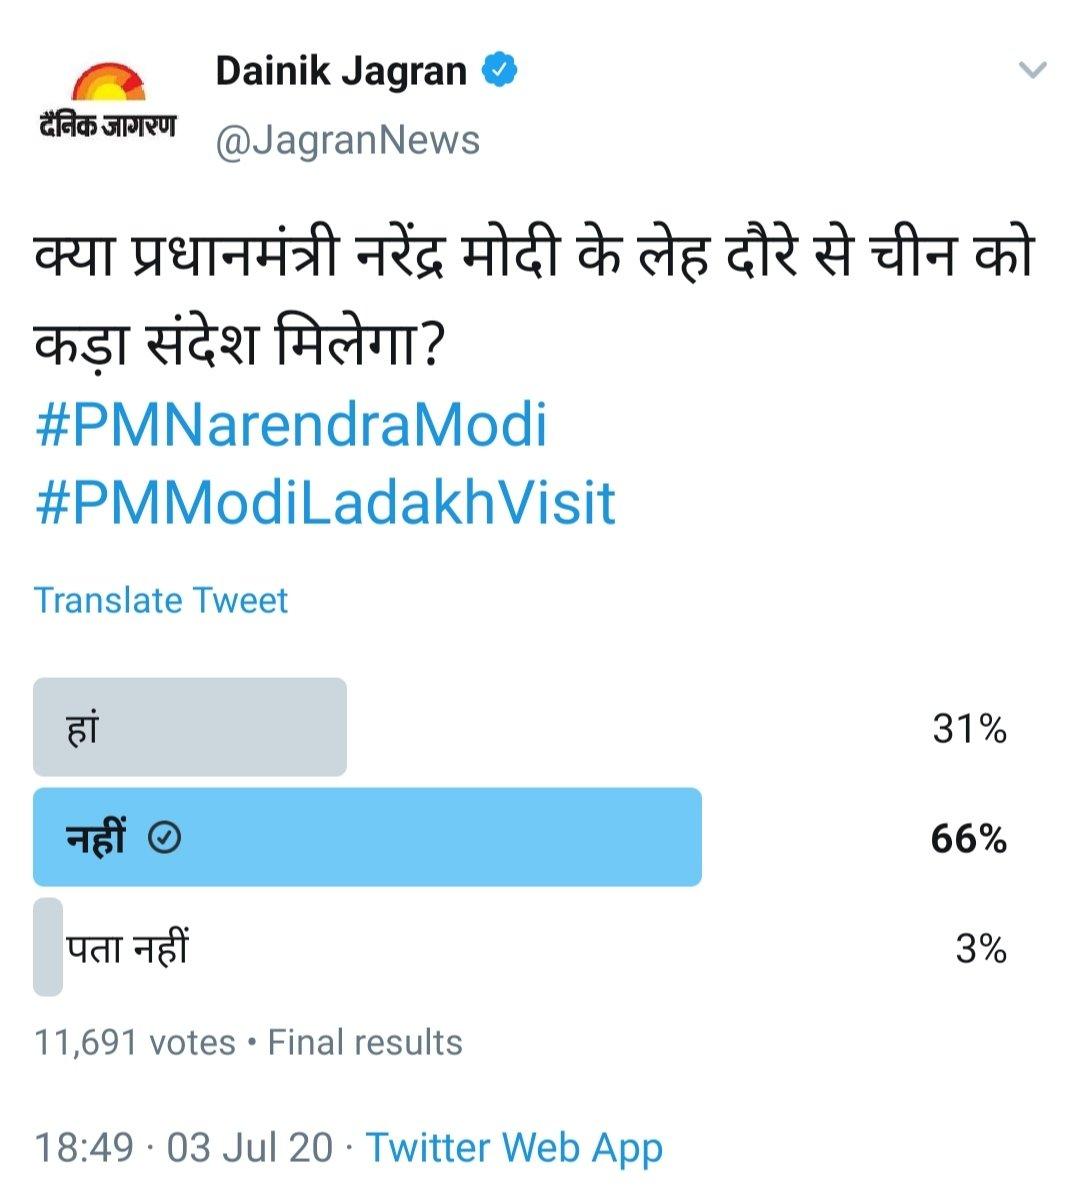 जागरण का भी झारखंड हो गया। @JagranNews 😂😂  Thanks @BhavikaKapoor5  #DainikJagran https://t.co/pLgoePFoGK